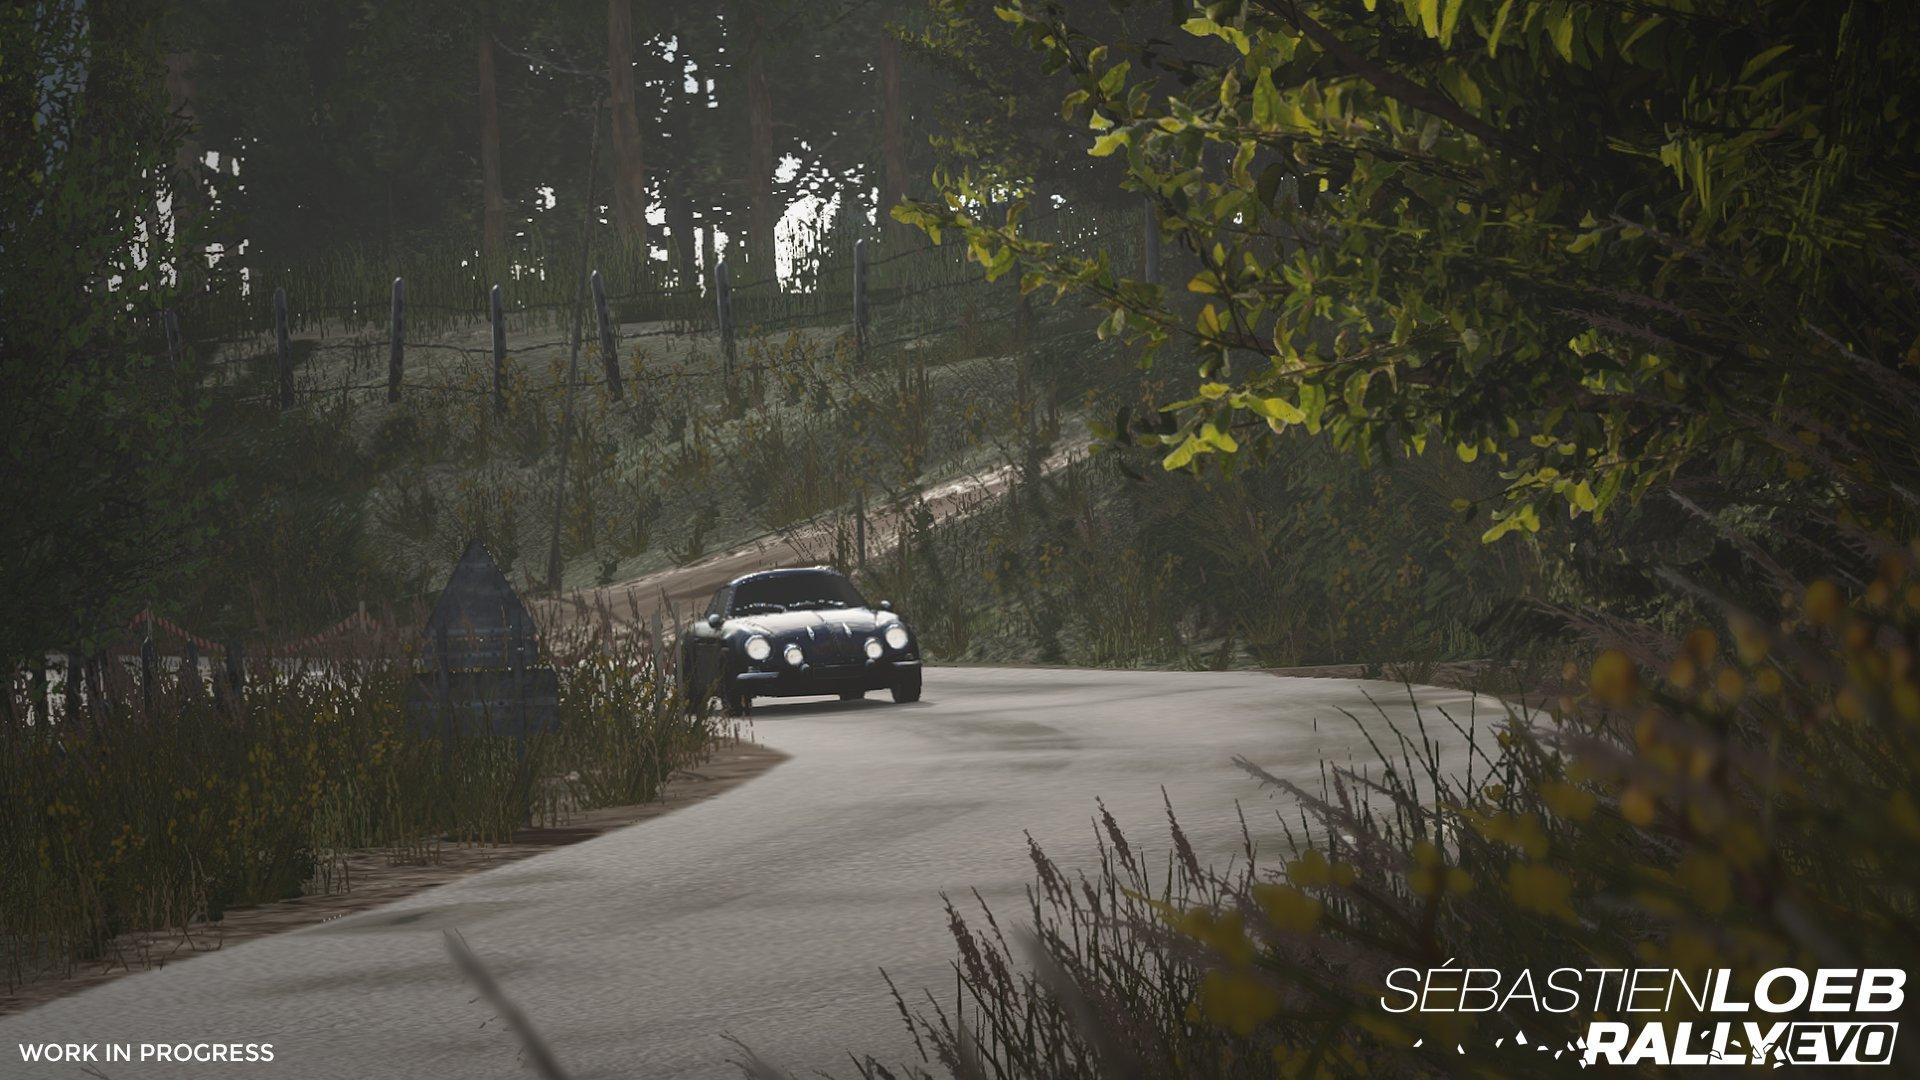 Sébastien Loeb Rally EVO 10